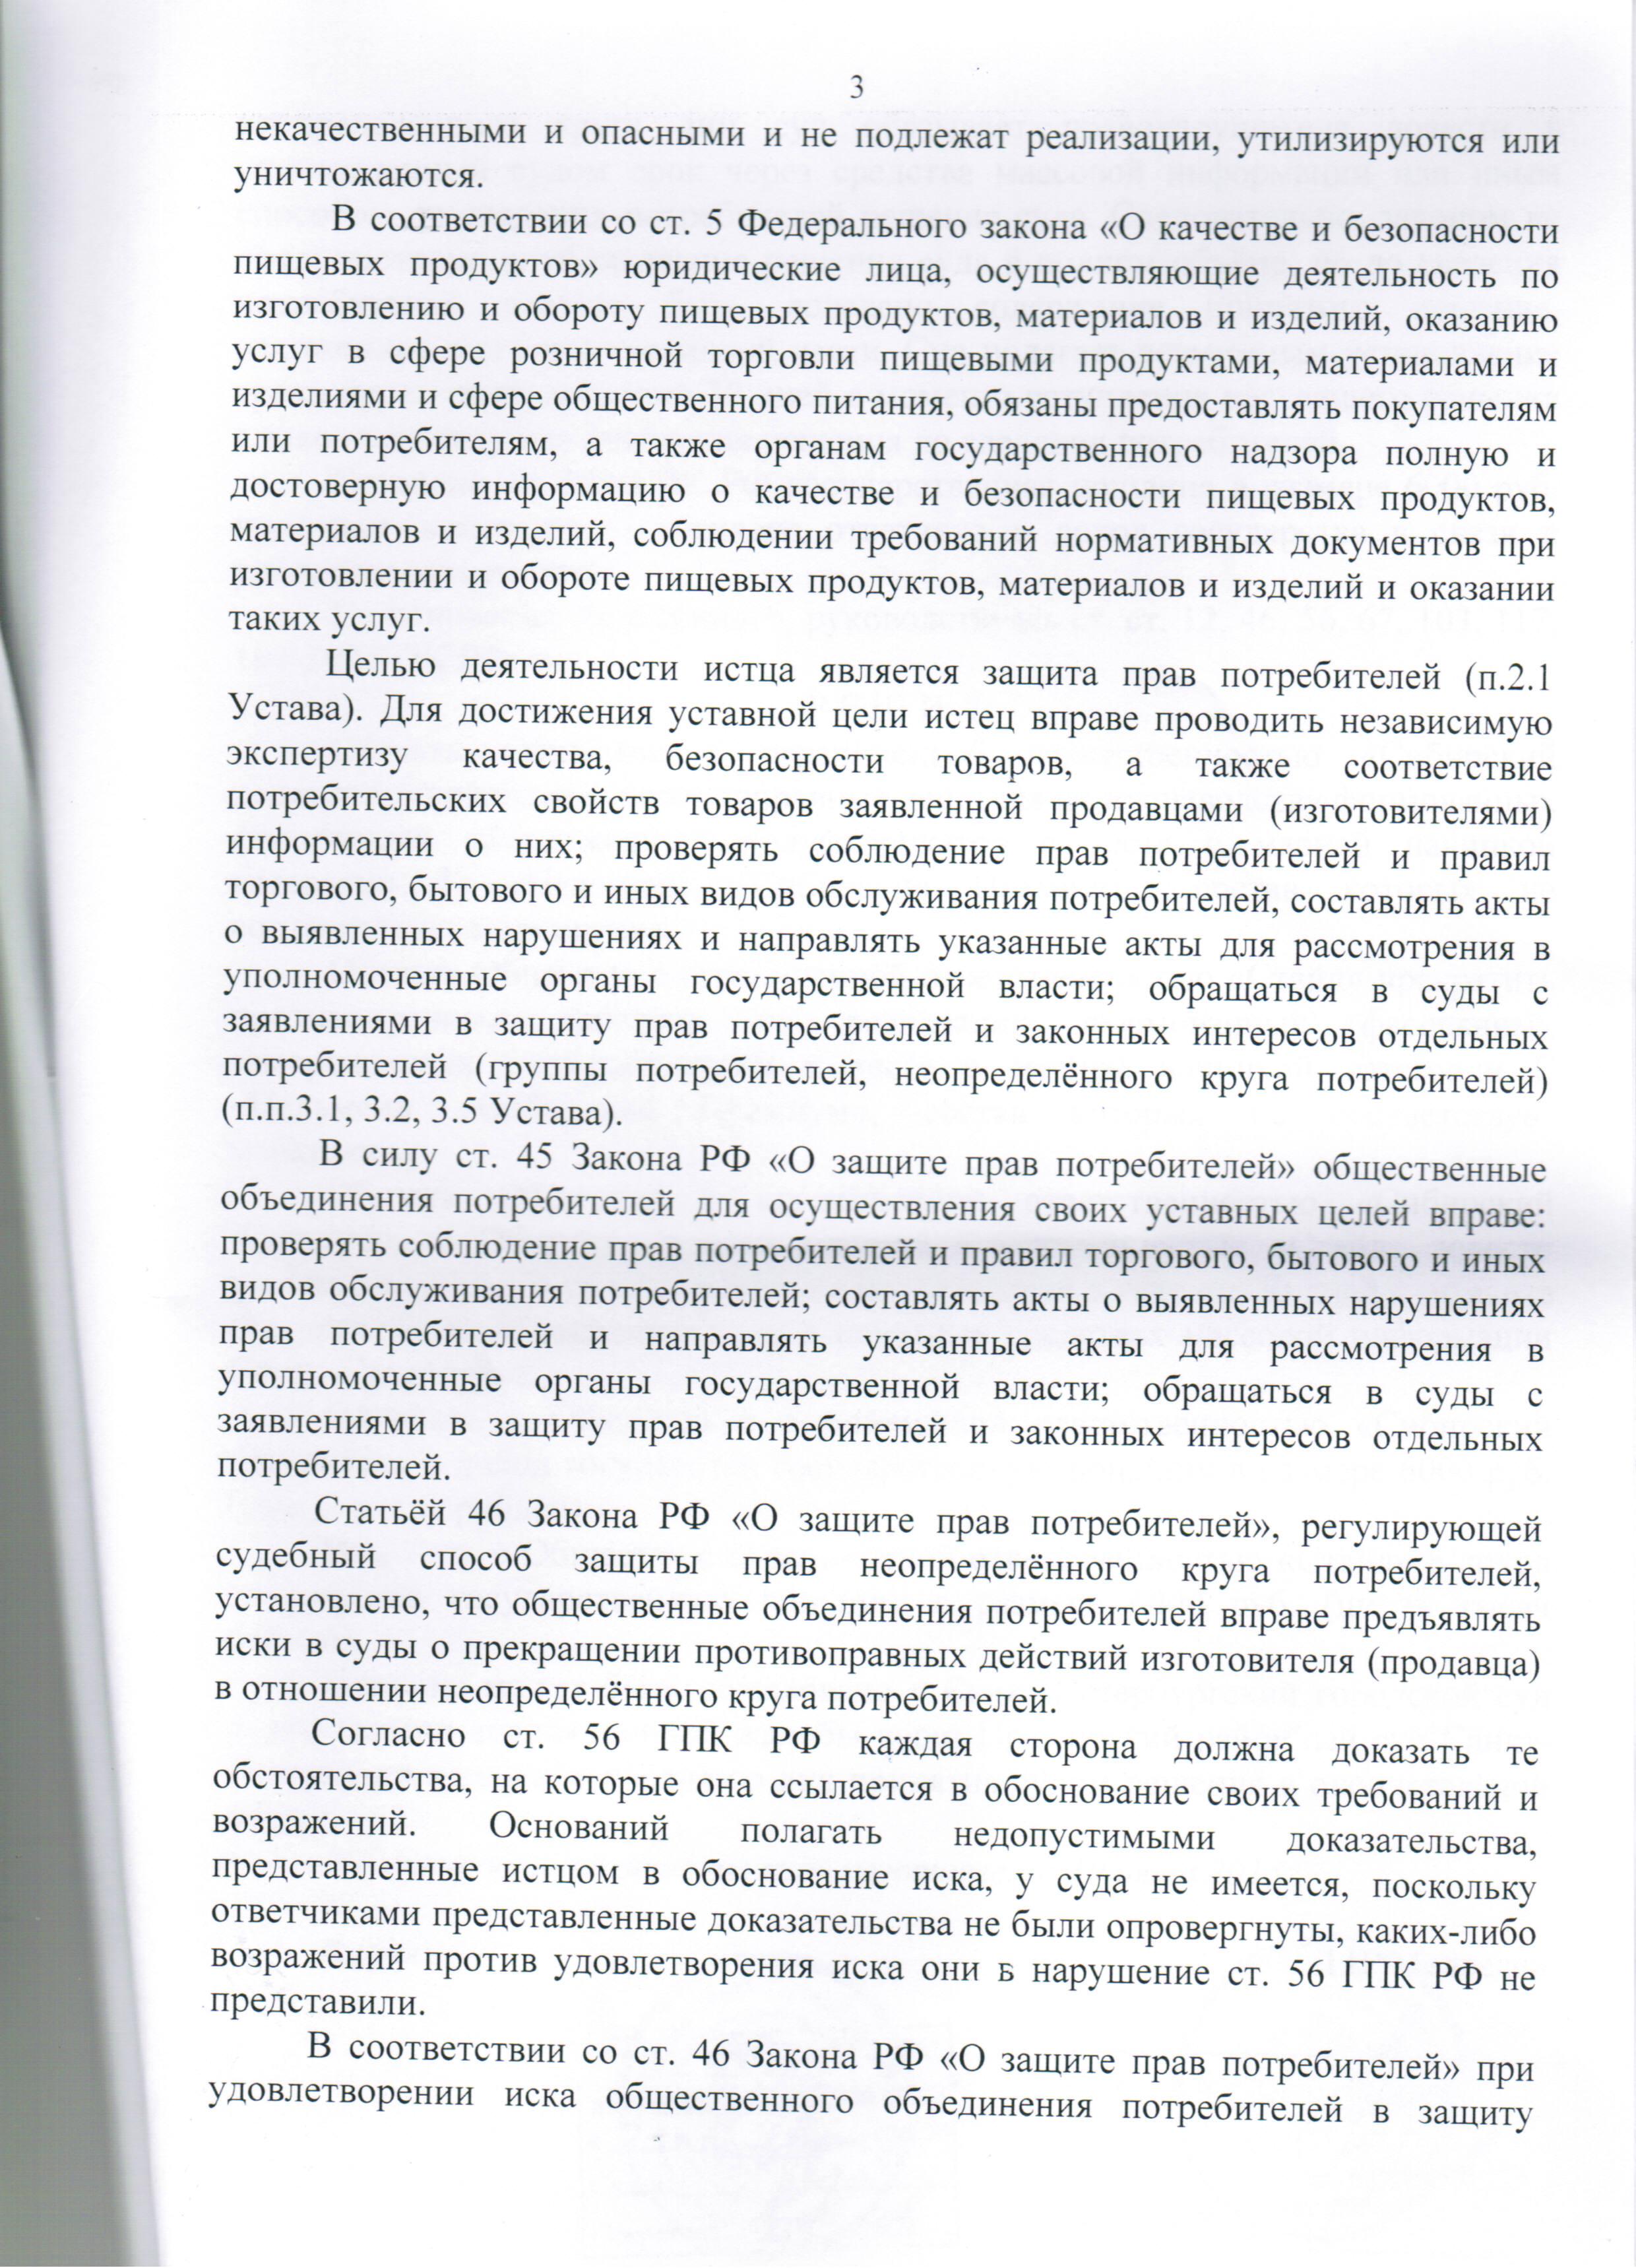 Решение от 23.04.2015 г. по иску СПБ ООП «Общественный контроль» к ООО «Сибирский деликатес» и ООО «Стайл»